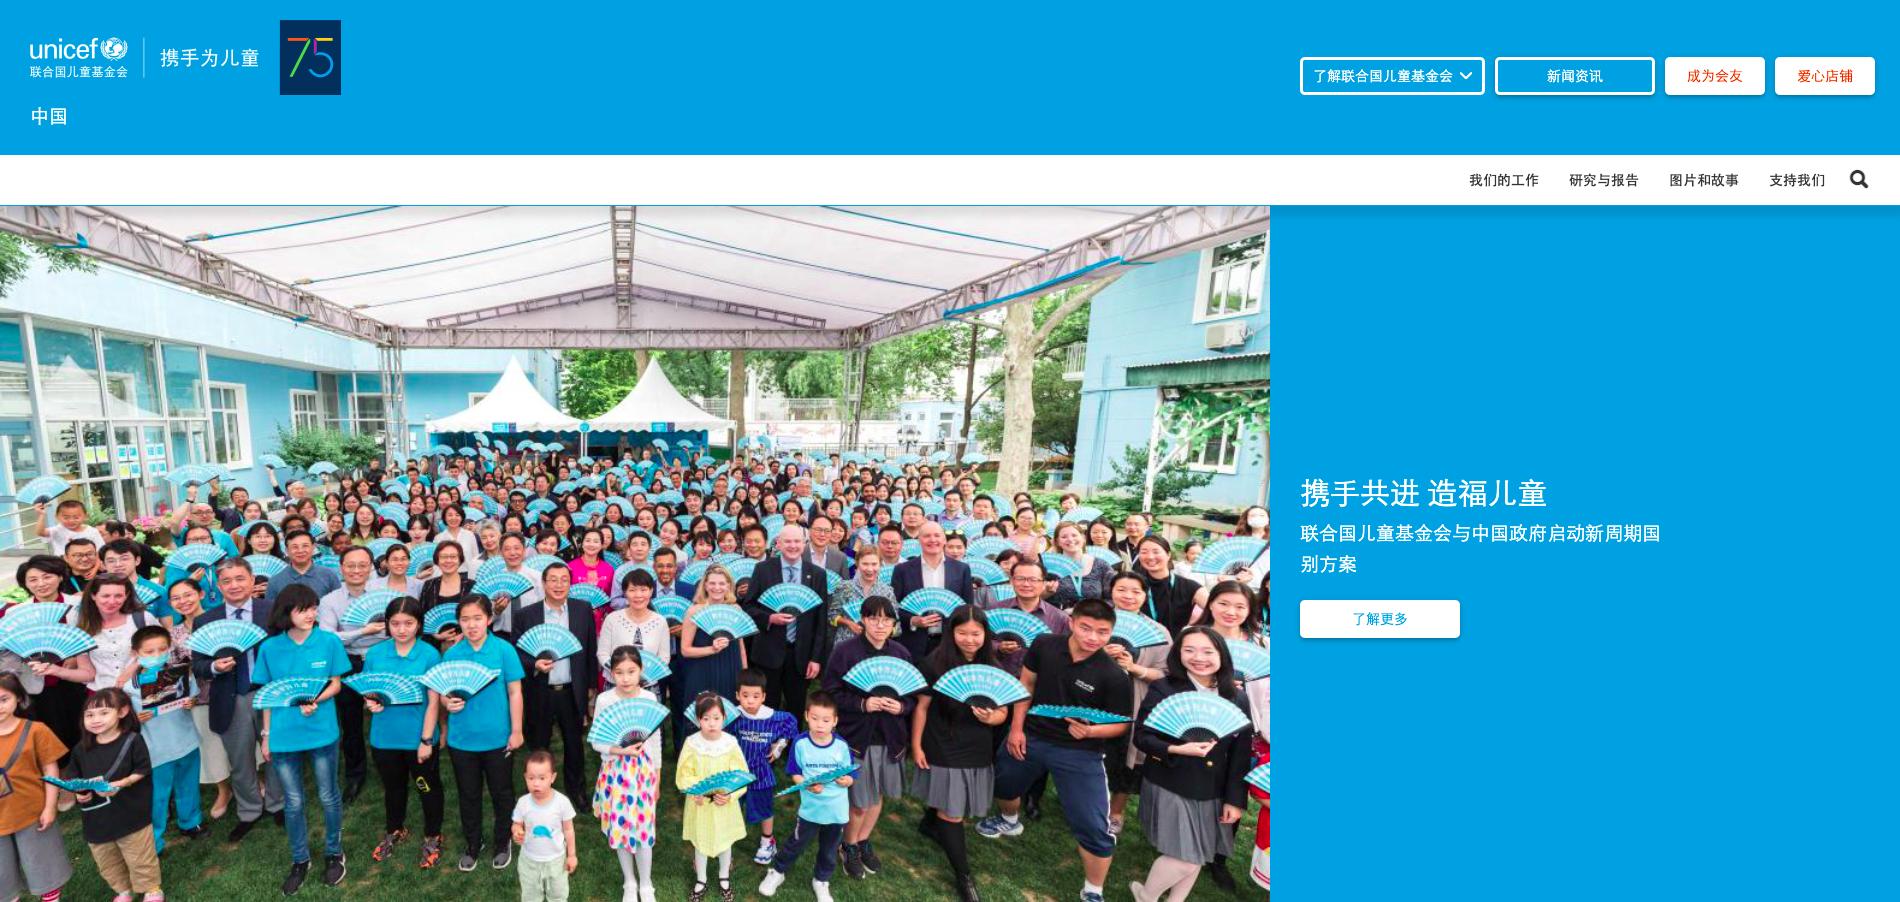 联合国儿童基金会中国网站